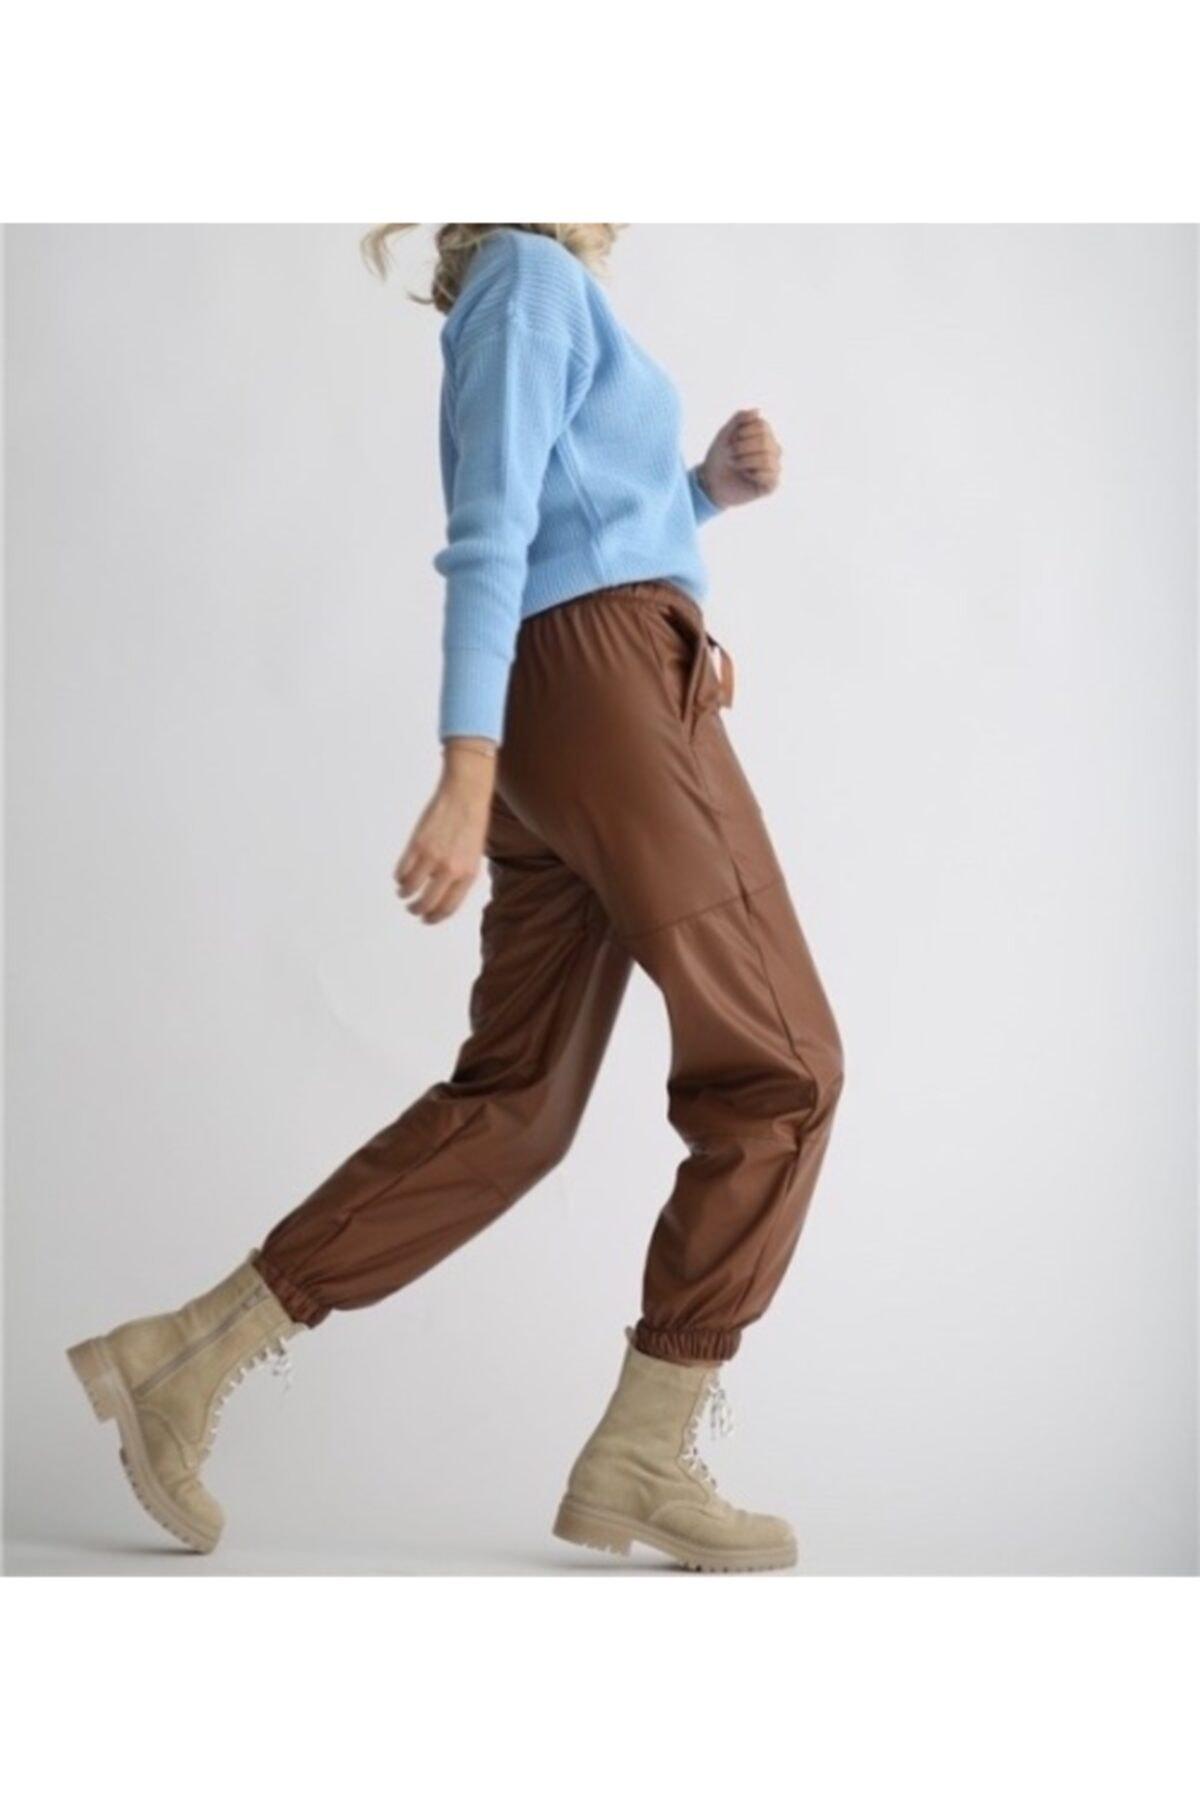 BEBE PLUS Kadın Kahverengi Beli ve Paçası Lastikli Deri Pantolon 2